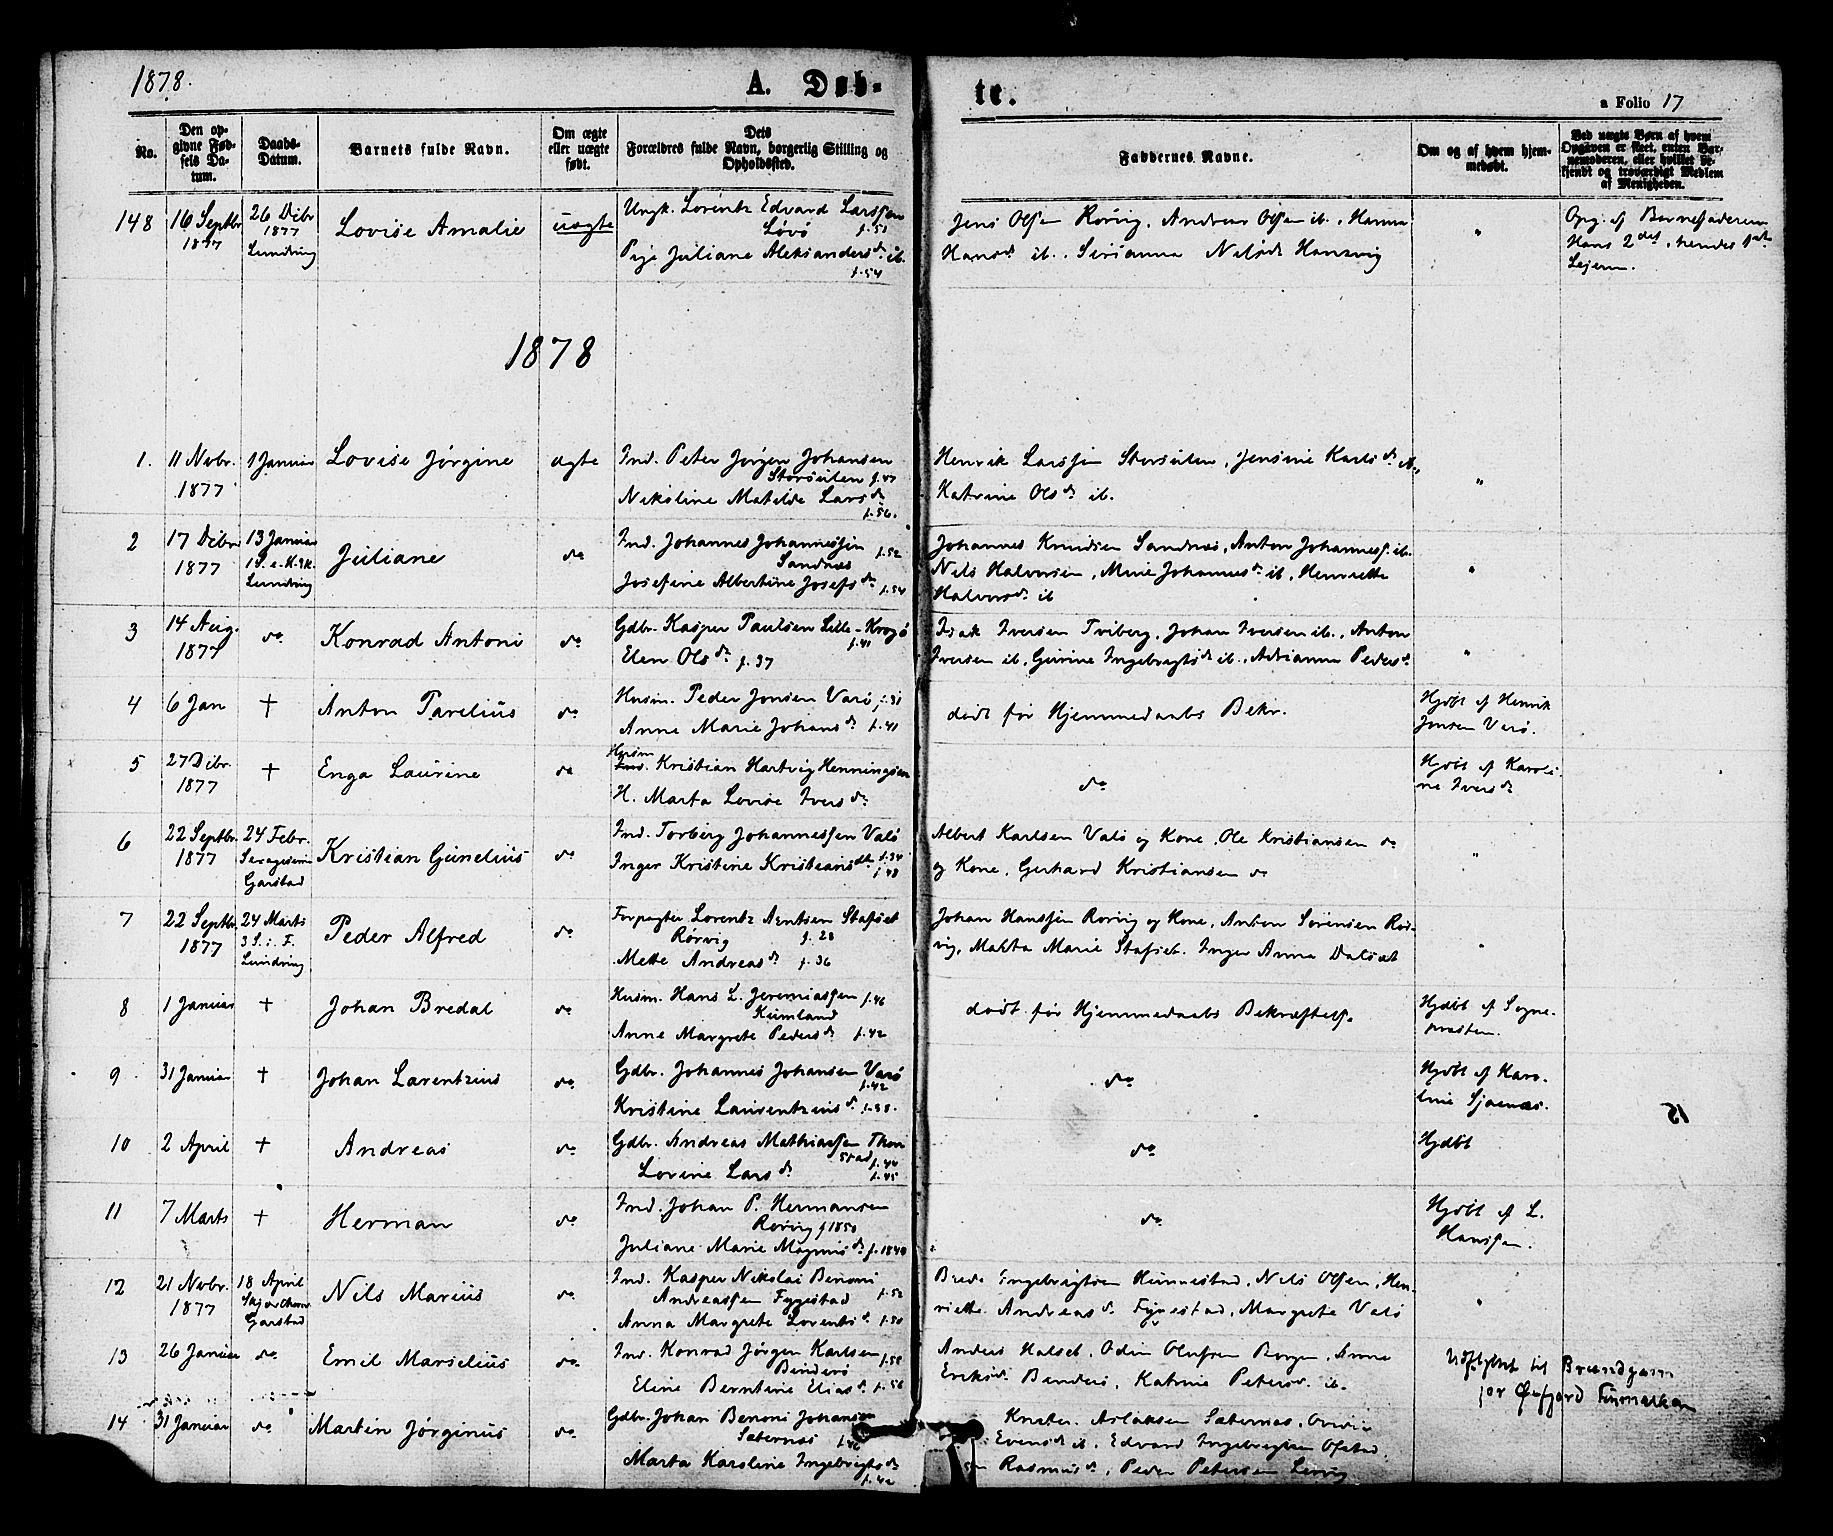 SAT, Ministerialprotokoller, klokkerbøker og fødselsregistre - Nord-Trøndelag, 784/L0671: Ministerialbok nr. 784A06, 1876-1879, s. 17